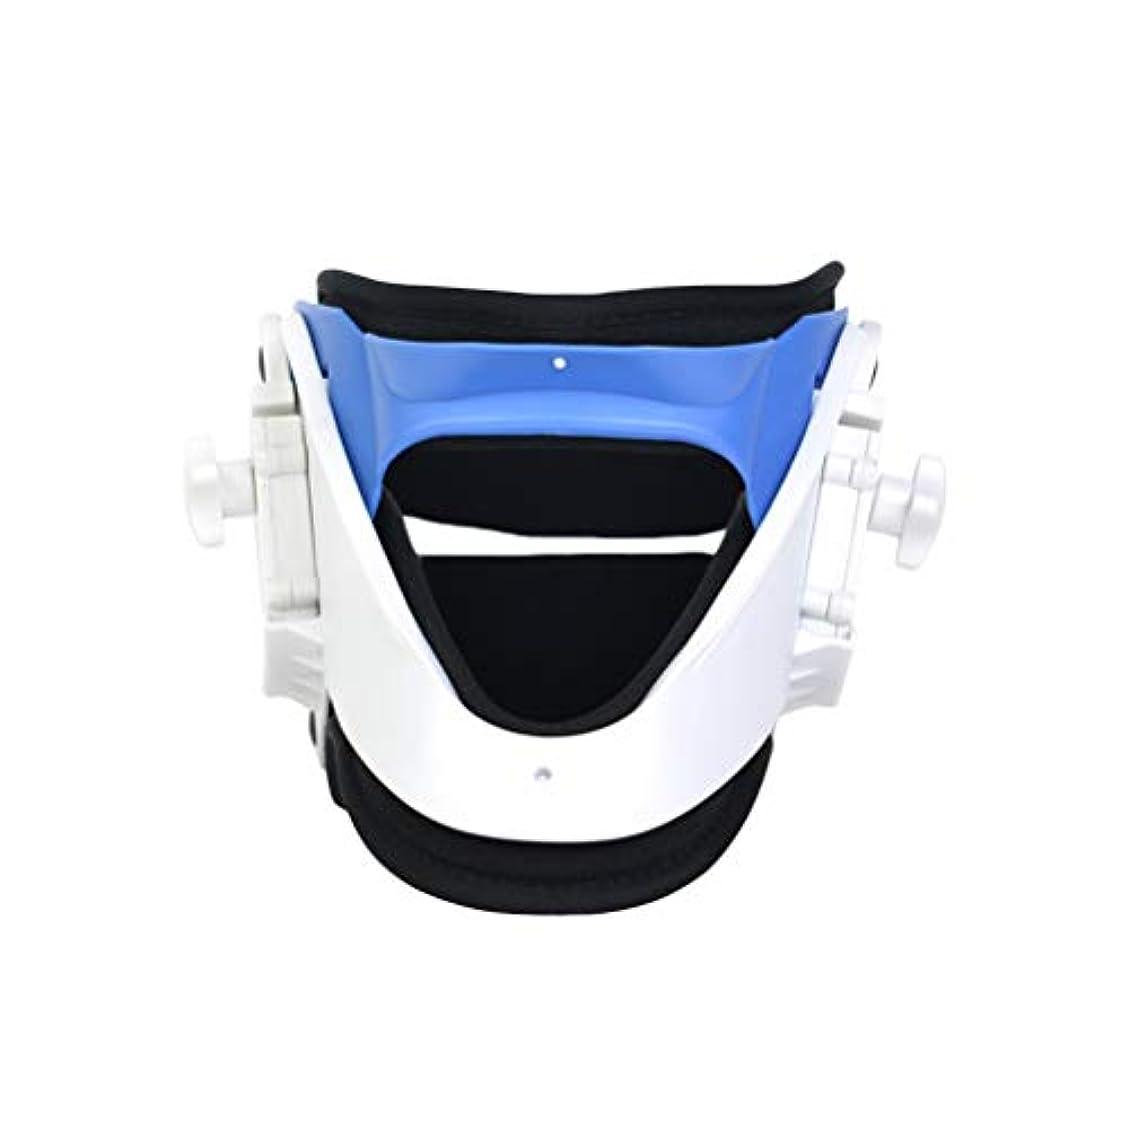 割る三航空会社Healifty堅い首の苦痛救助の傷害回復のための通気性の首サポート支柱調節可能な頚部つば